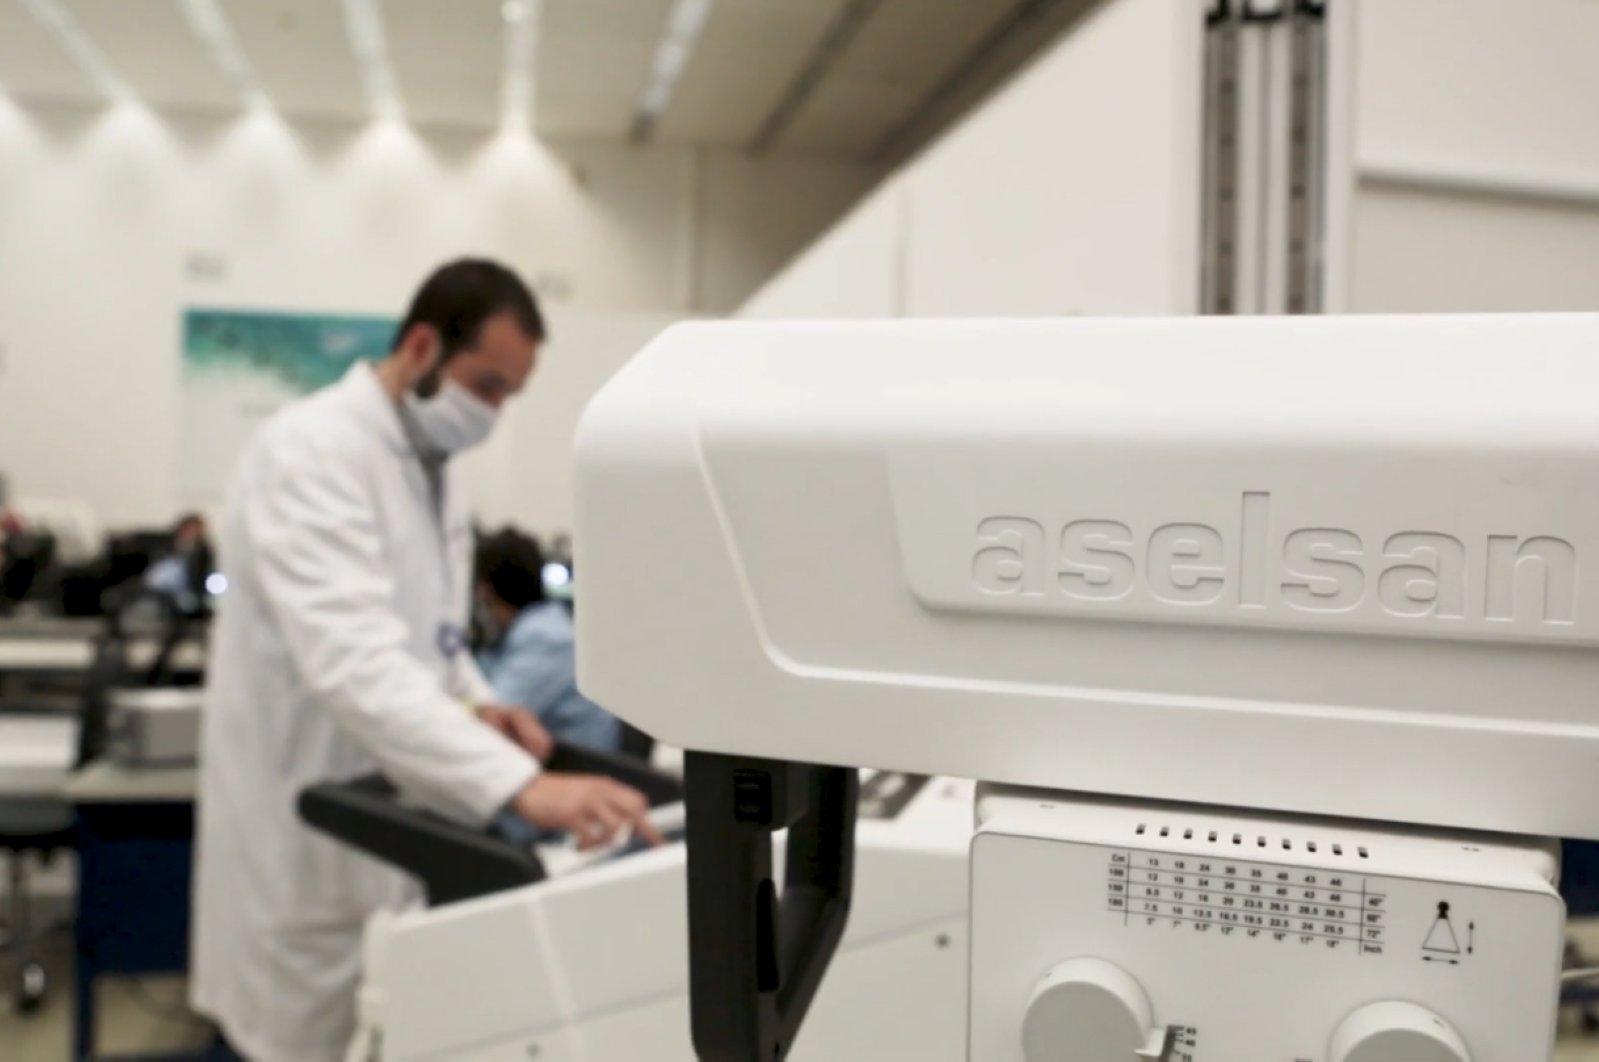 土耳其领先国防工业公司ASELSAN的移动数字X射线设备获得CE标记